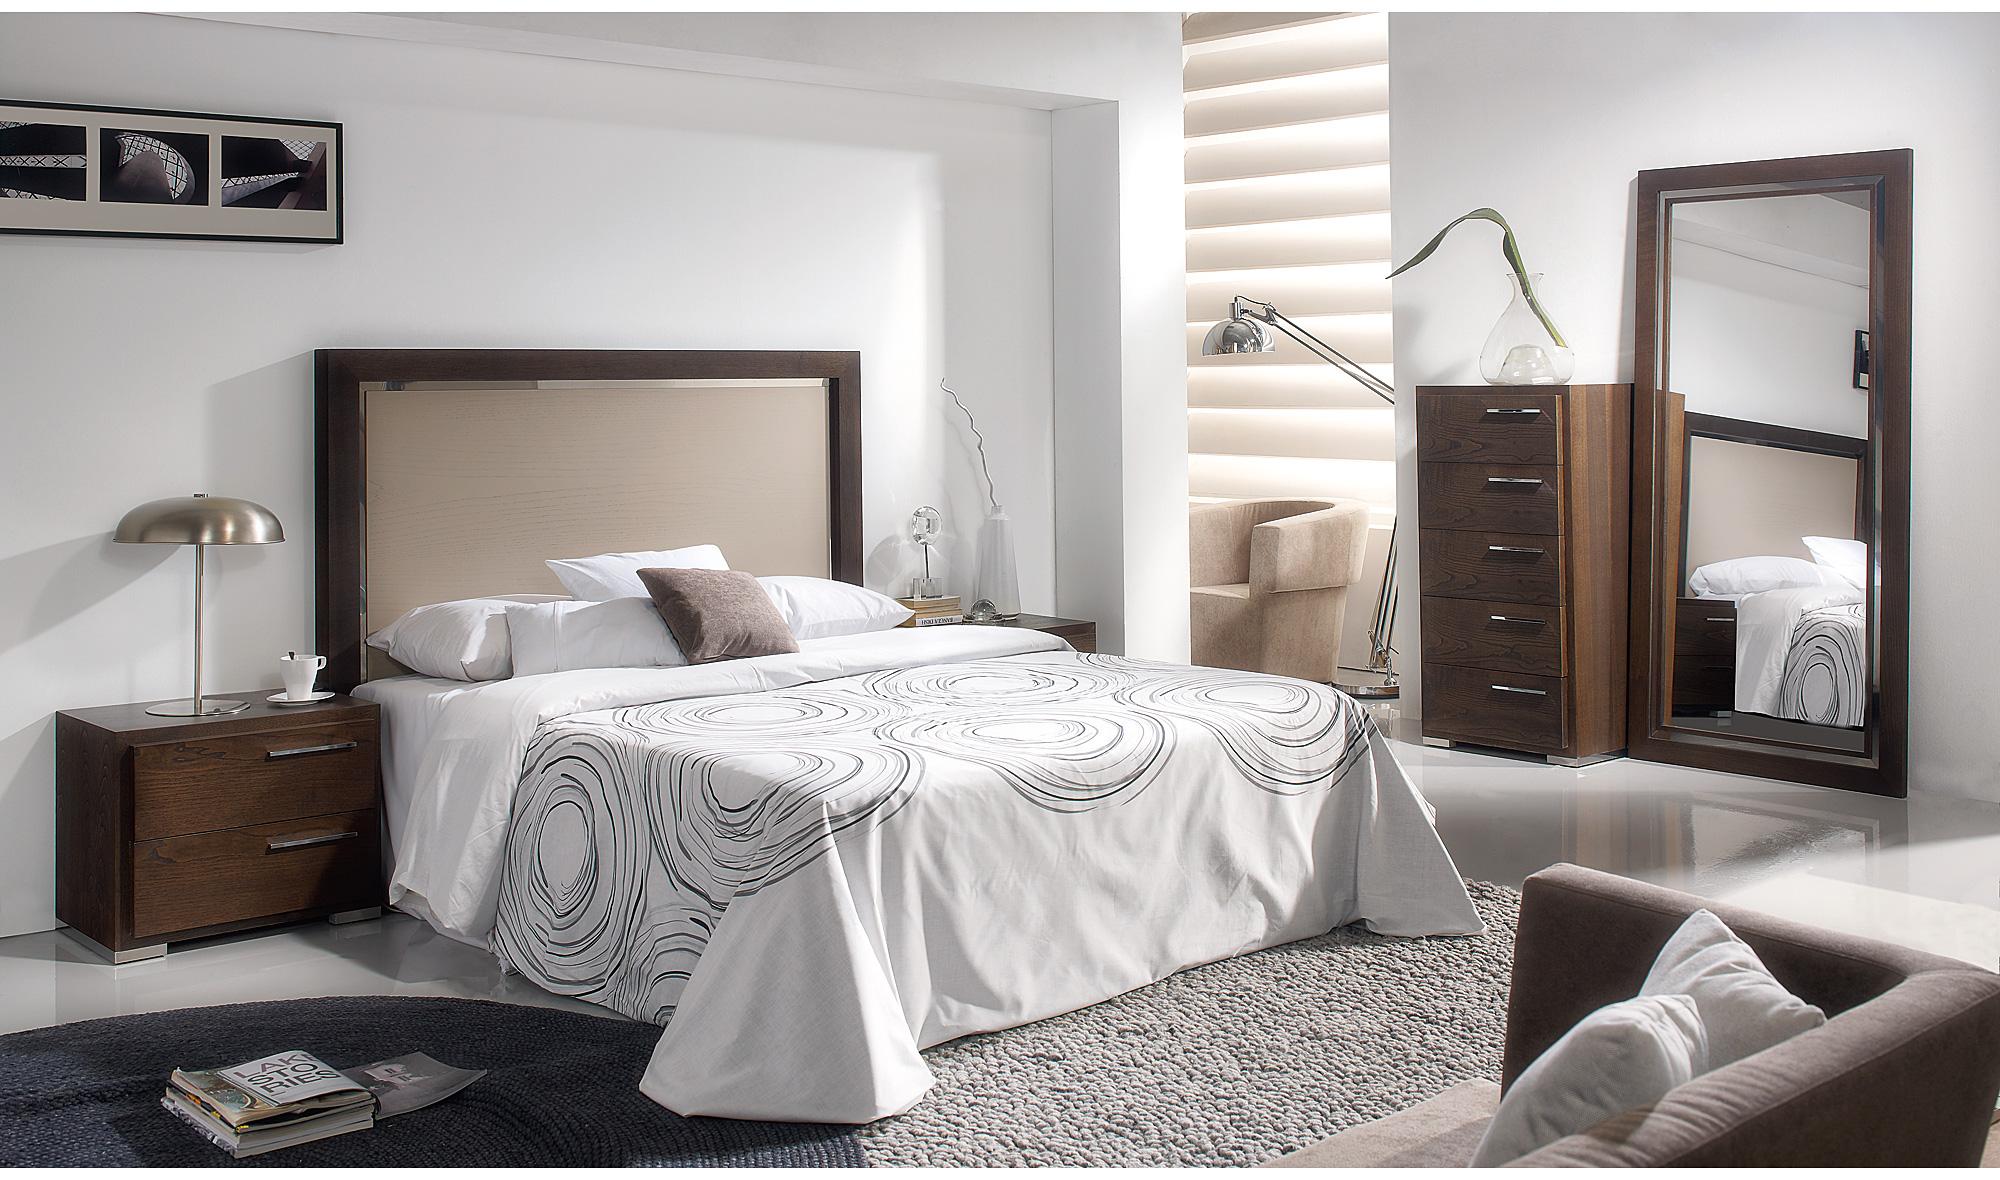 Dormitorio moderno volga en - Muebles dormitorio moderno ...